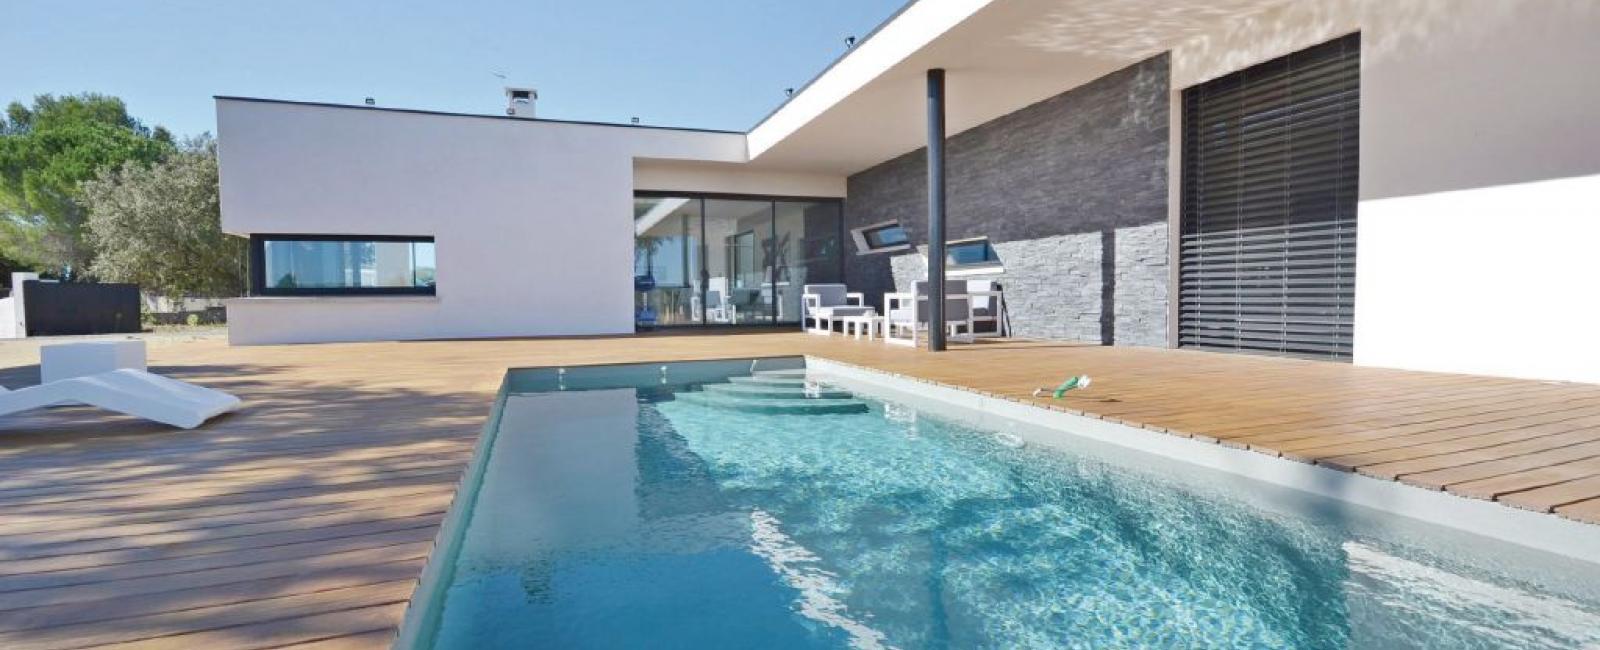 Maison contemporaine à Souvignargues